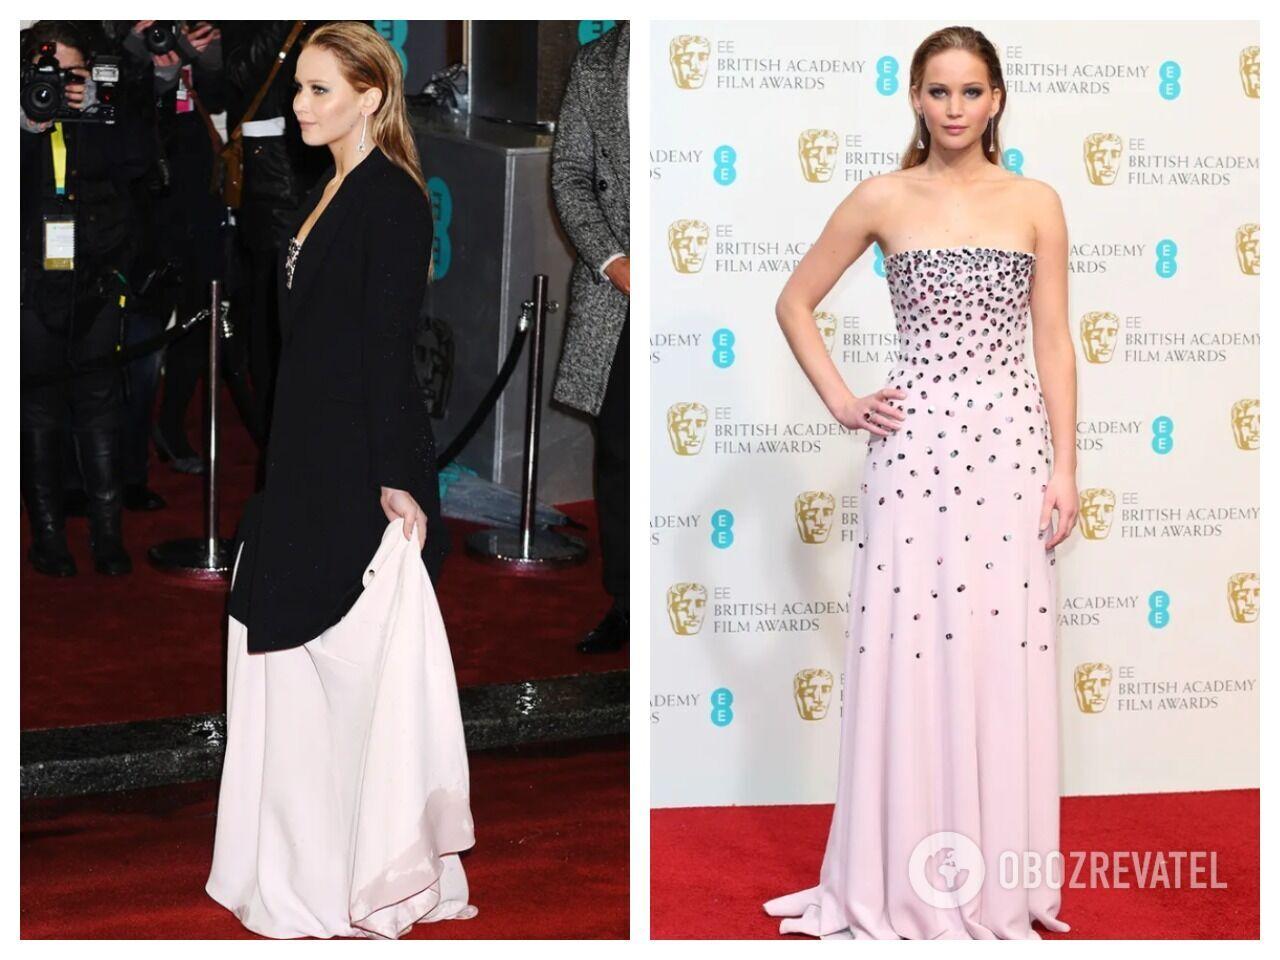 Дженнифер Лоуренс засветилась в длинном платье от Dior, подол которого пропитался грязной водой